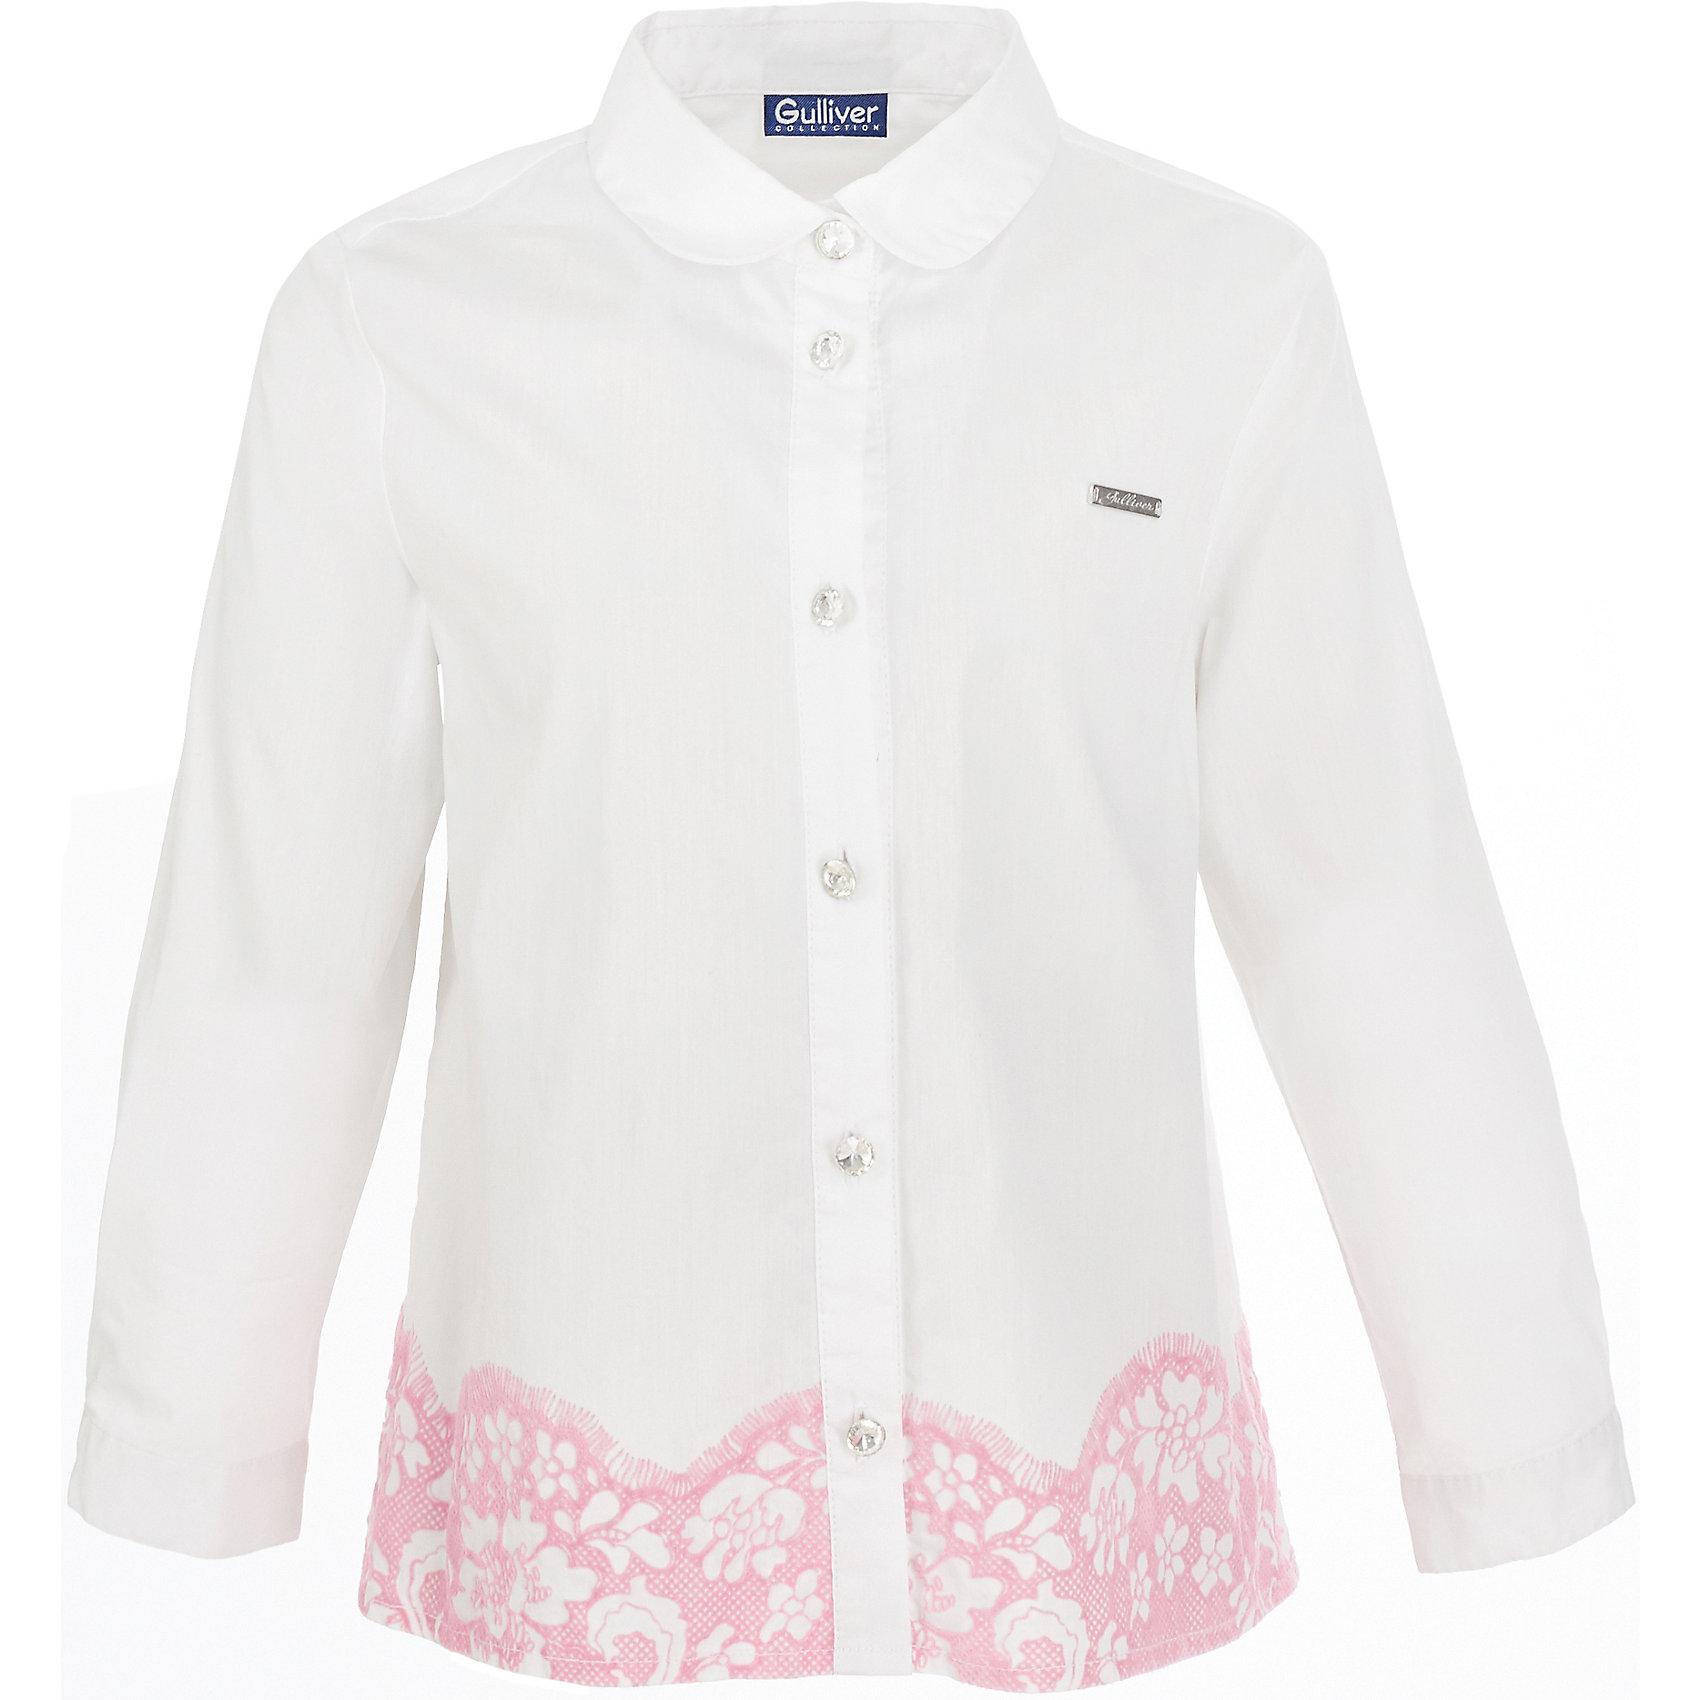 Блузка Gulliver для девочкиБлузки и рубашки<br>Блузка Gulliver для девочки<br>Если вы хотите купить белую блузку для девочки, но вам наскучили базовые модели, обратите внимание на блузку от Gulliver из коллекции Филигрань. Детская блузка с изюминкой в виде элегантного кружевного декора, выполненного в технике принта, - прекрасная модель и для будней, и для праздников. Эту блузку следует носить навыпуск, чтобы подчеркнуть оригинальность модели. Очень интересно и выразительно эта детская блузка будет смотреться при многослойном решении комплекта - с укороченным кардиганом или толстовкой.<br>Состав:<br>76% хлопок       20% полиамид    4% эластан<br><br>Ширина мм: 186<br>Глубина мм: 87<br>Высота мм: 198<br>Вес г: 197<br>Цвет: белый<br>Возраст от месяцев: 60<br>Возраст до месяцев: 72<br>Пол: Женский<br>Возраст: Детский<br>Размер: 116,98,104,110<br>SKU: 7078508